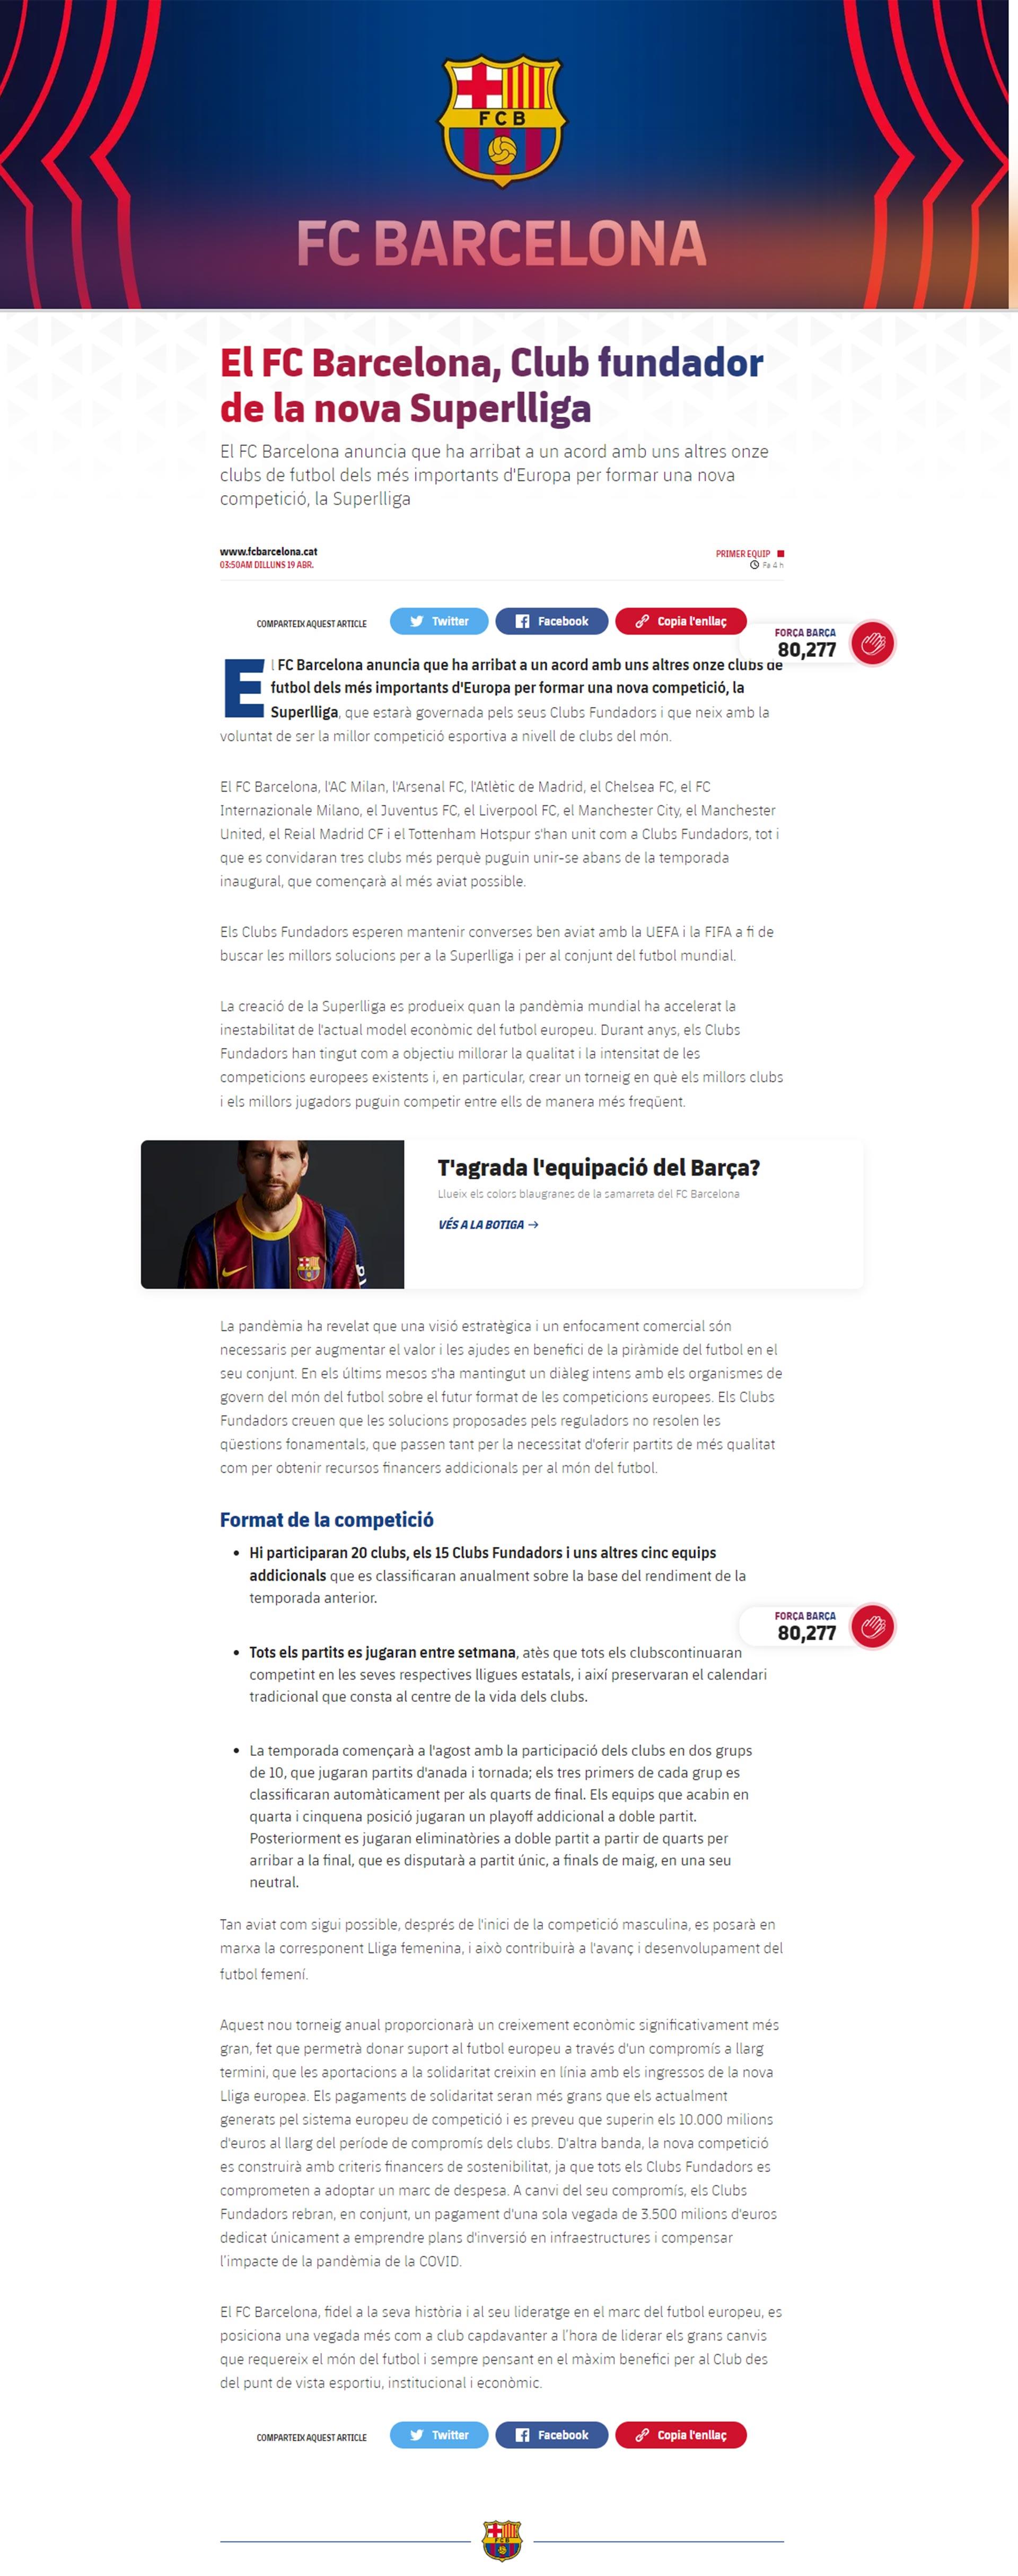 El comunicado del FC Barcelona